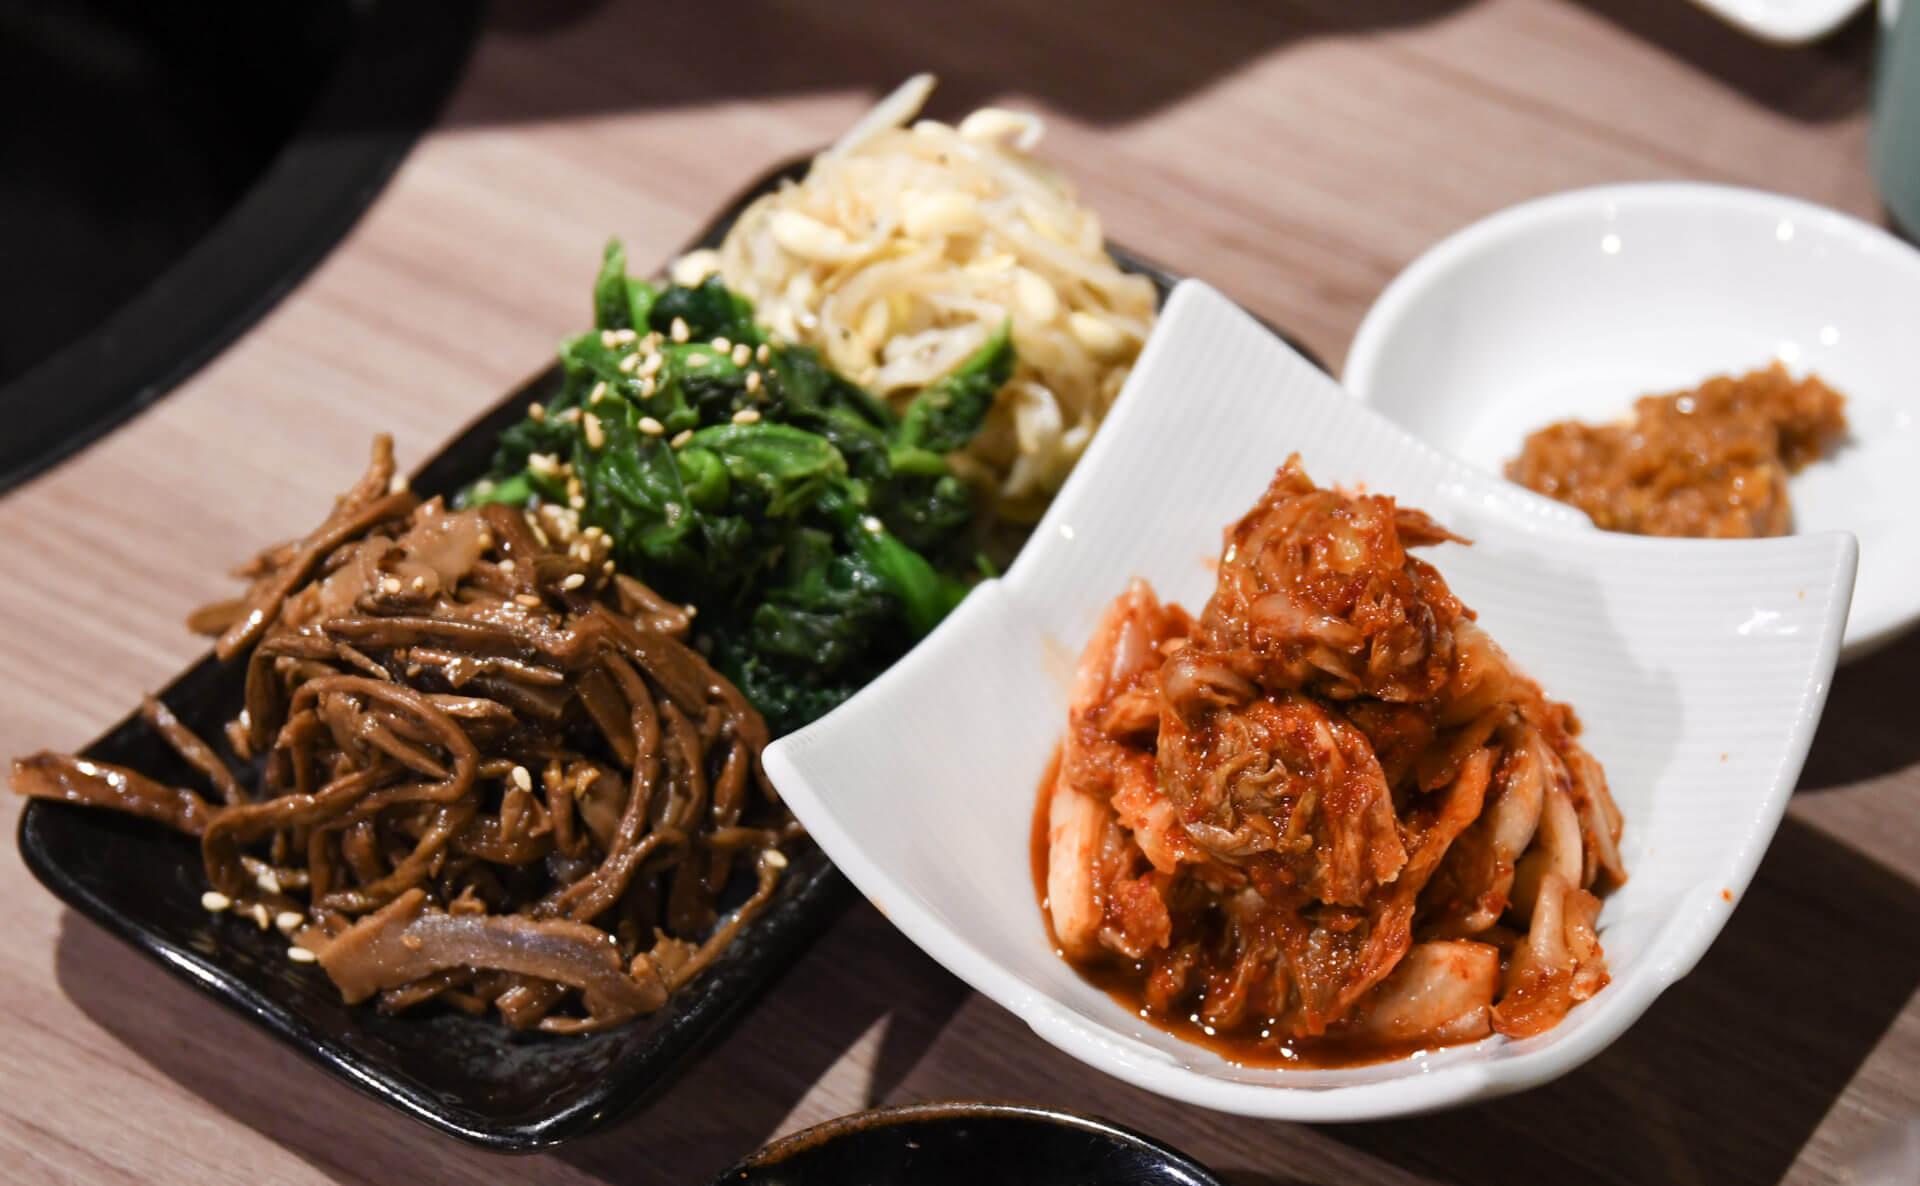 肉と日本酒 千駄木 キムチとナムル